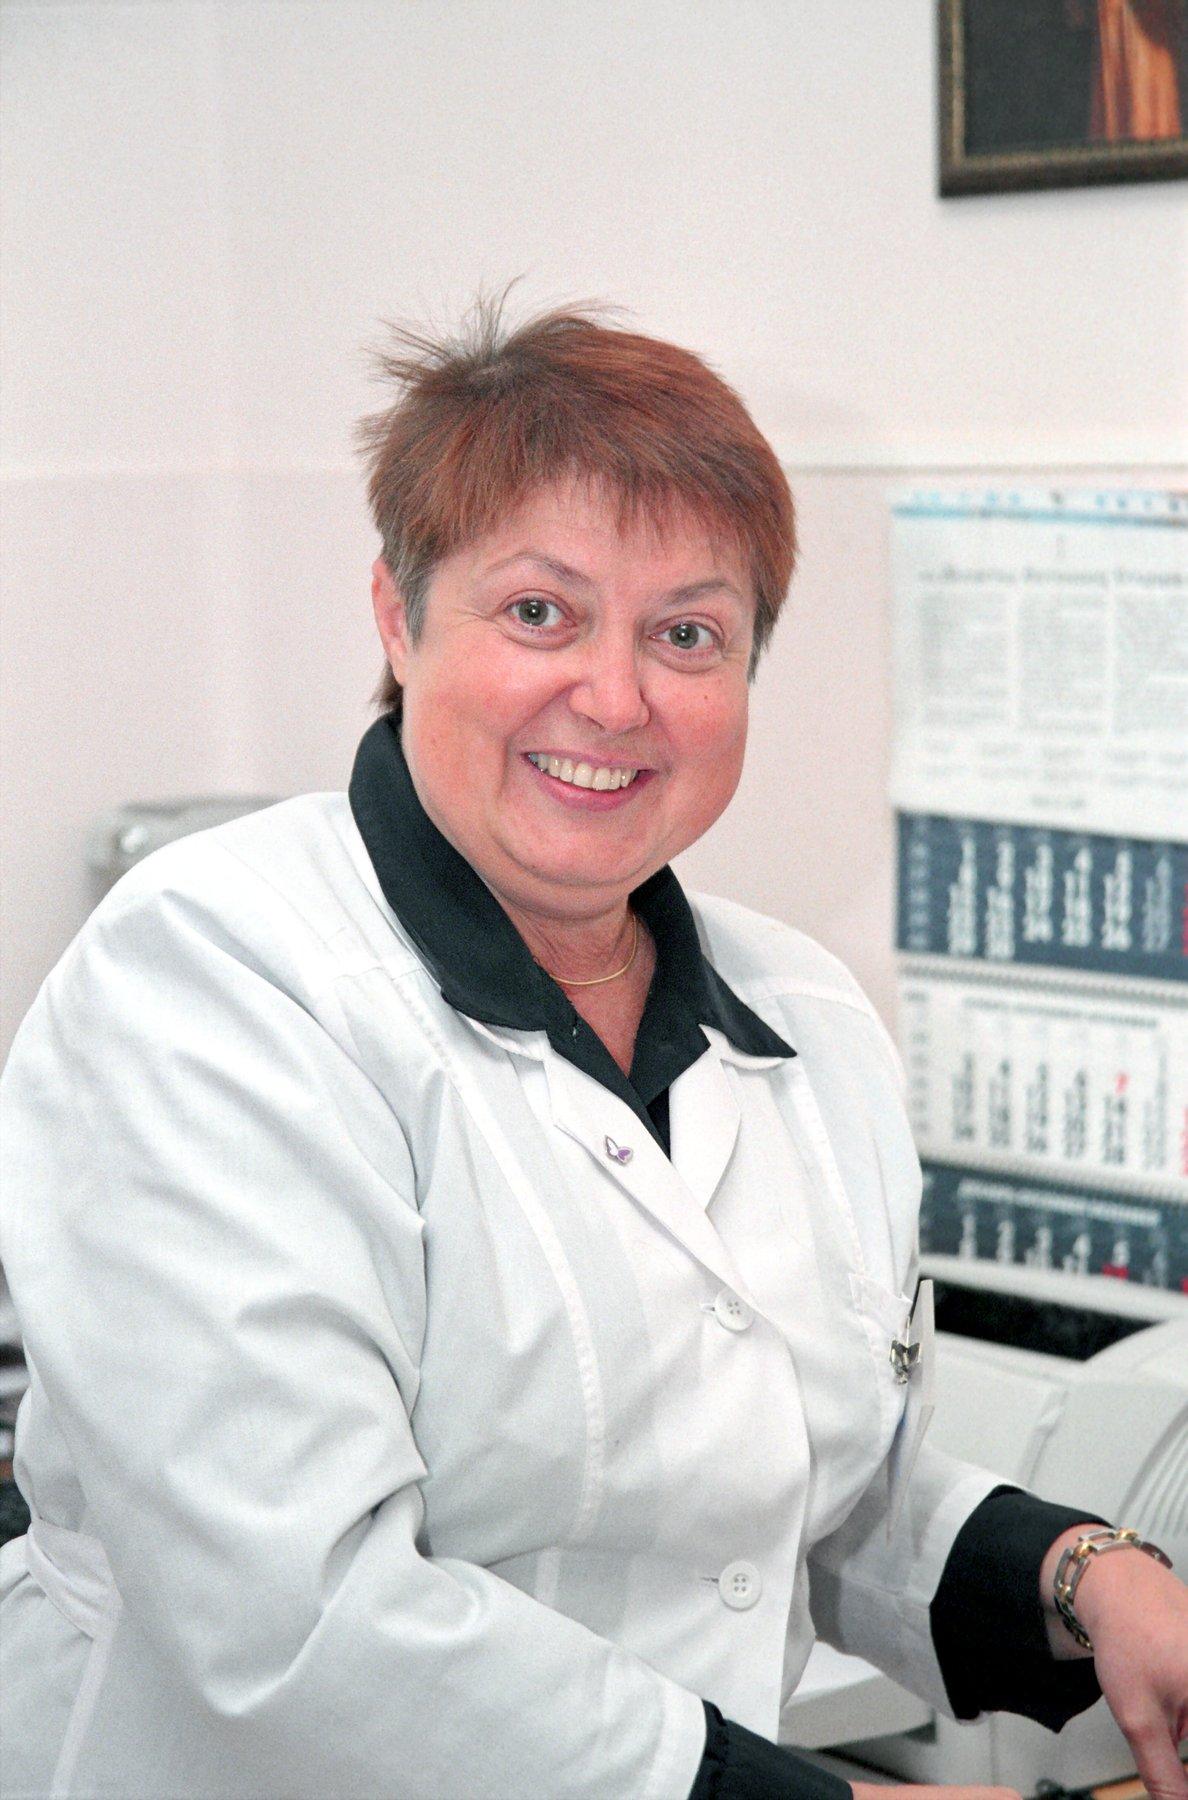 Член эндокринолог